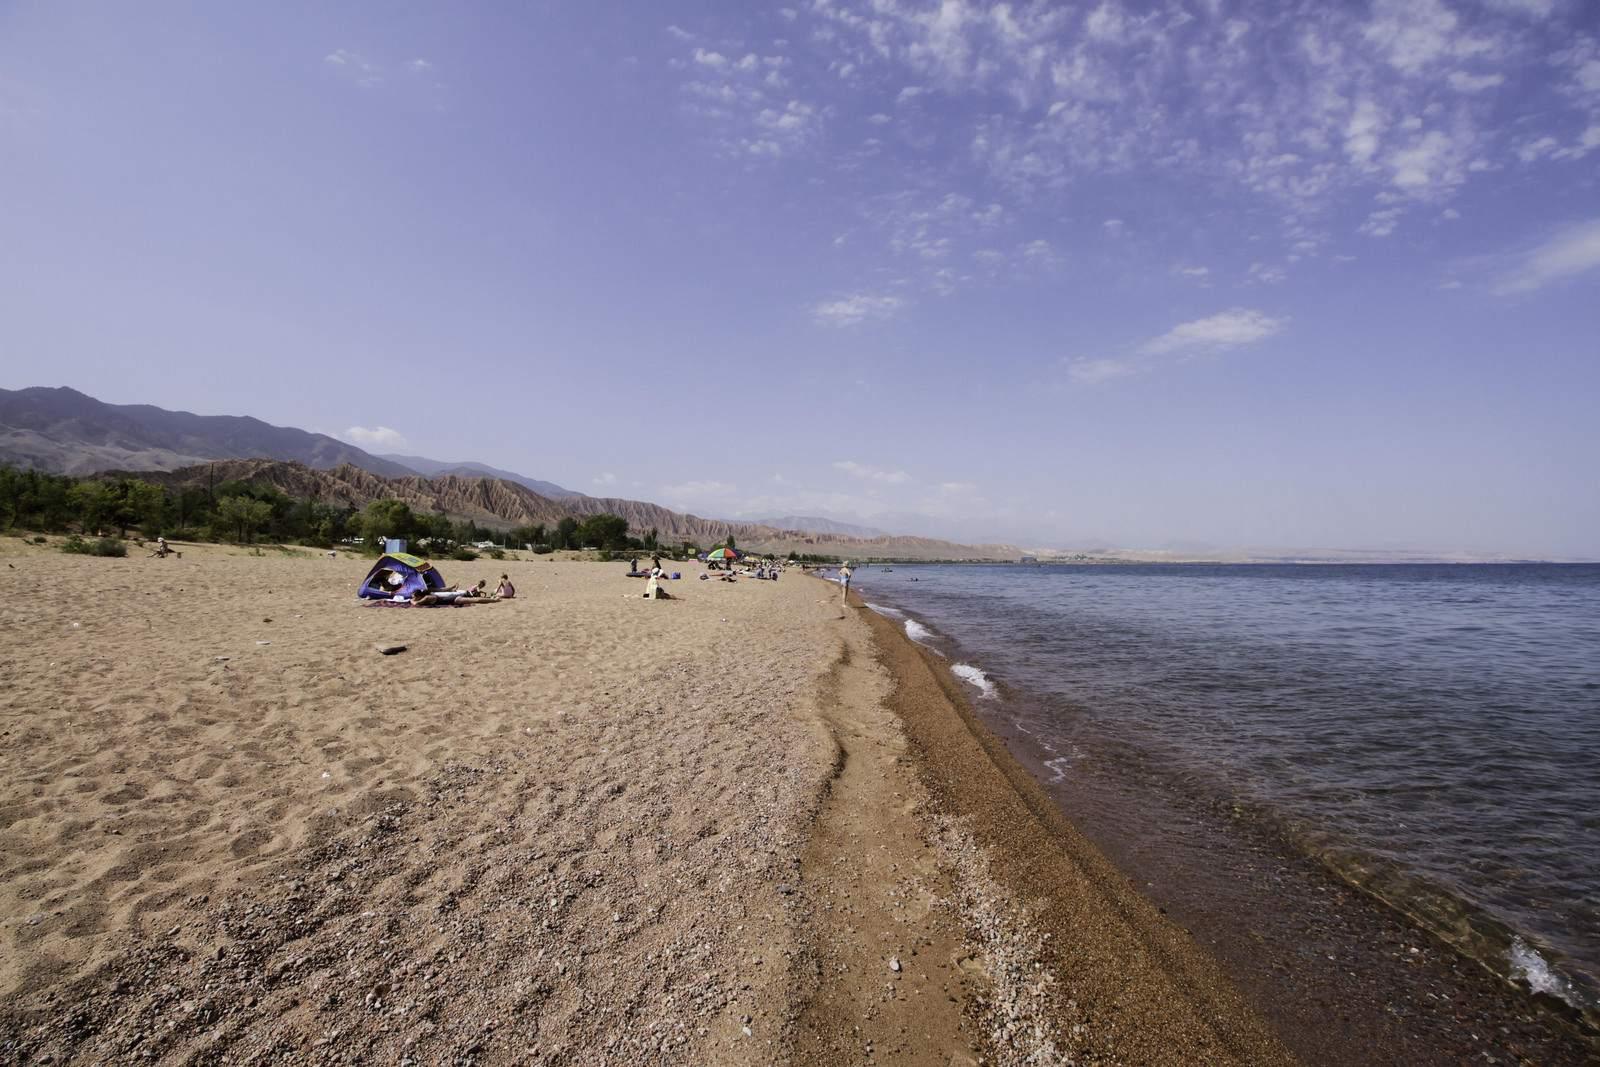 kyrgyzstan13 Visit Kyrgyzstan   Climbing Tastar Ata and Camping Issyk Kul lake